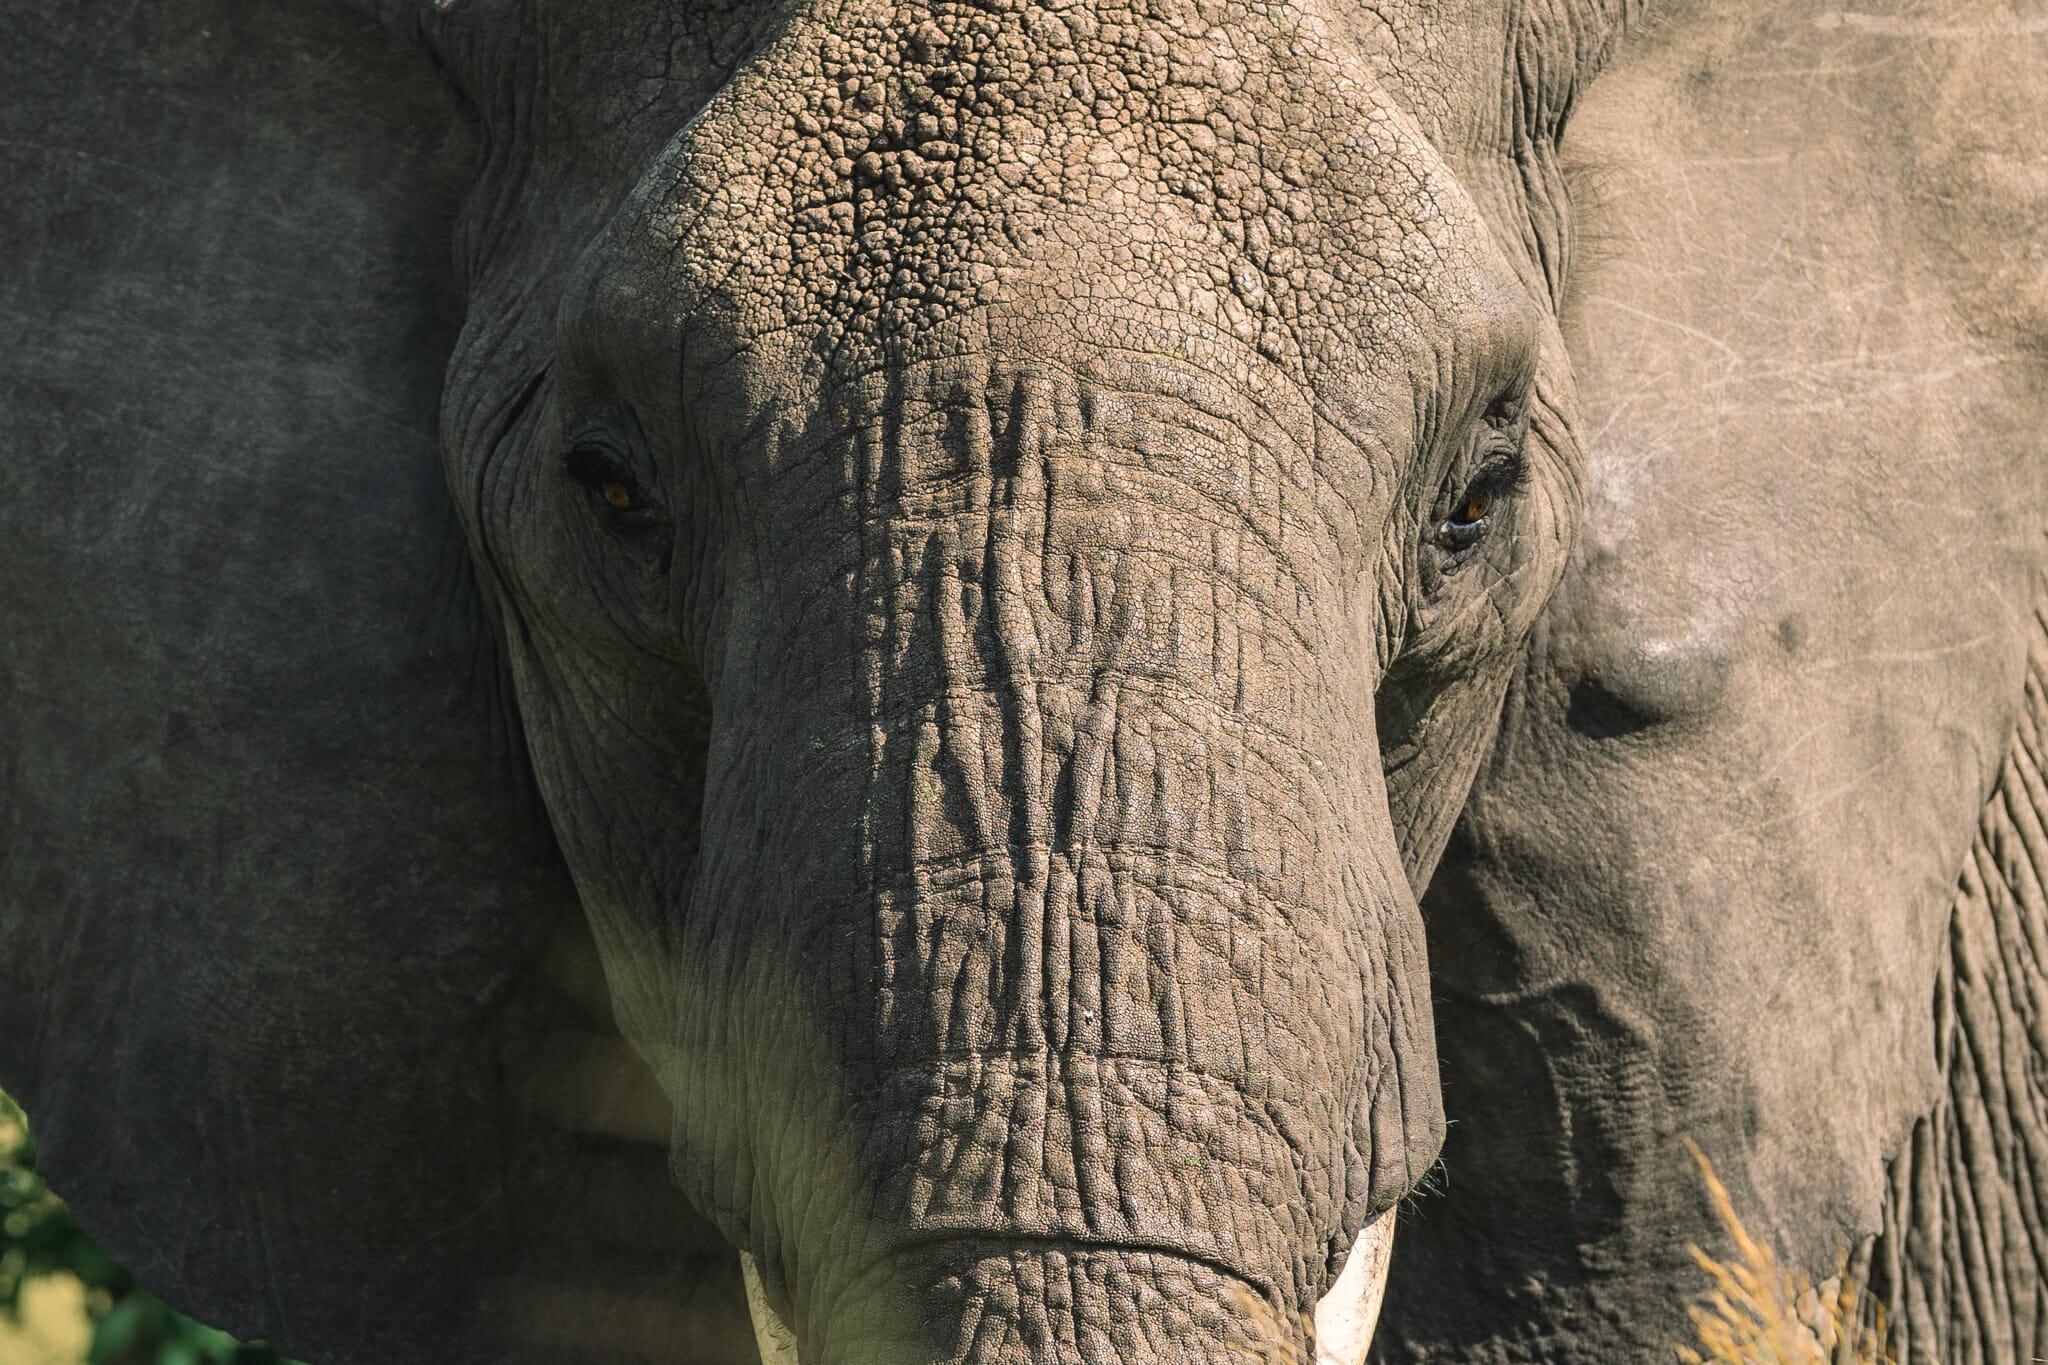 Observation d'un éléphant dans le parc national du serengeti en Tanzanie